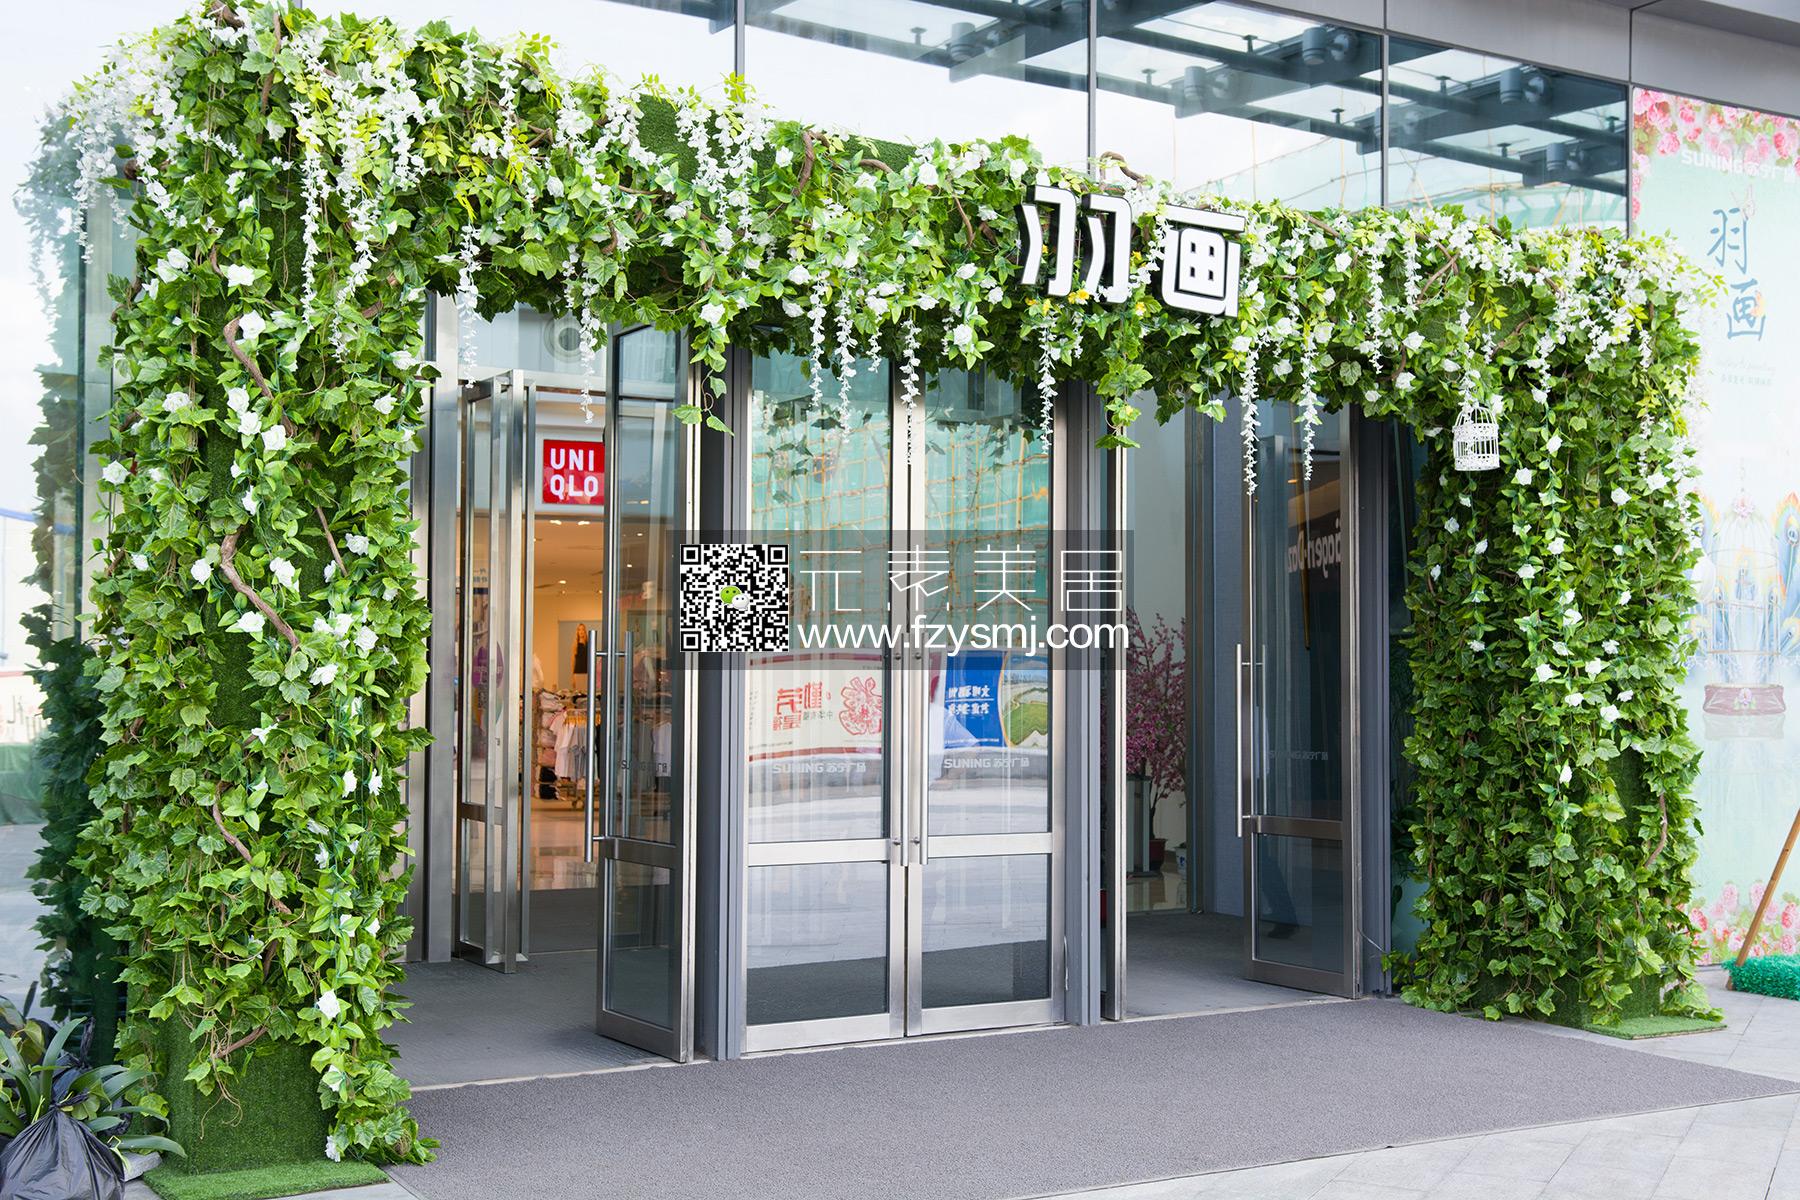 羽画-植物墙门头装饰案例01